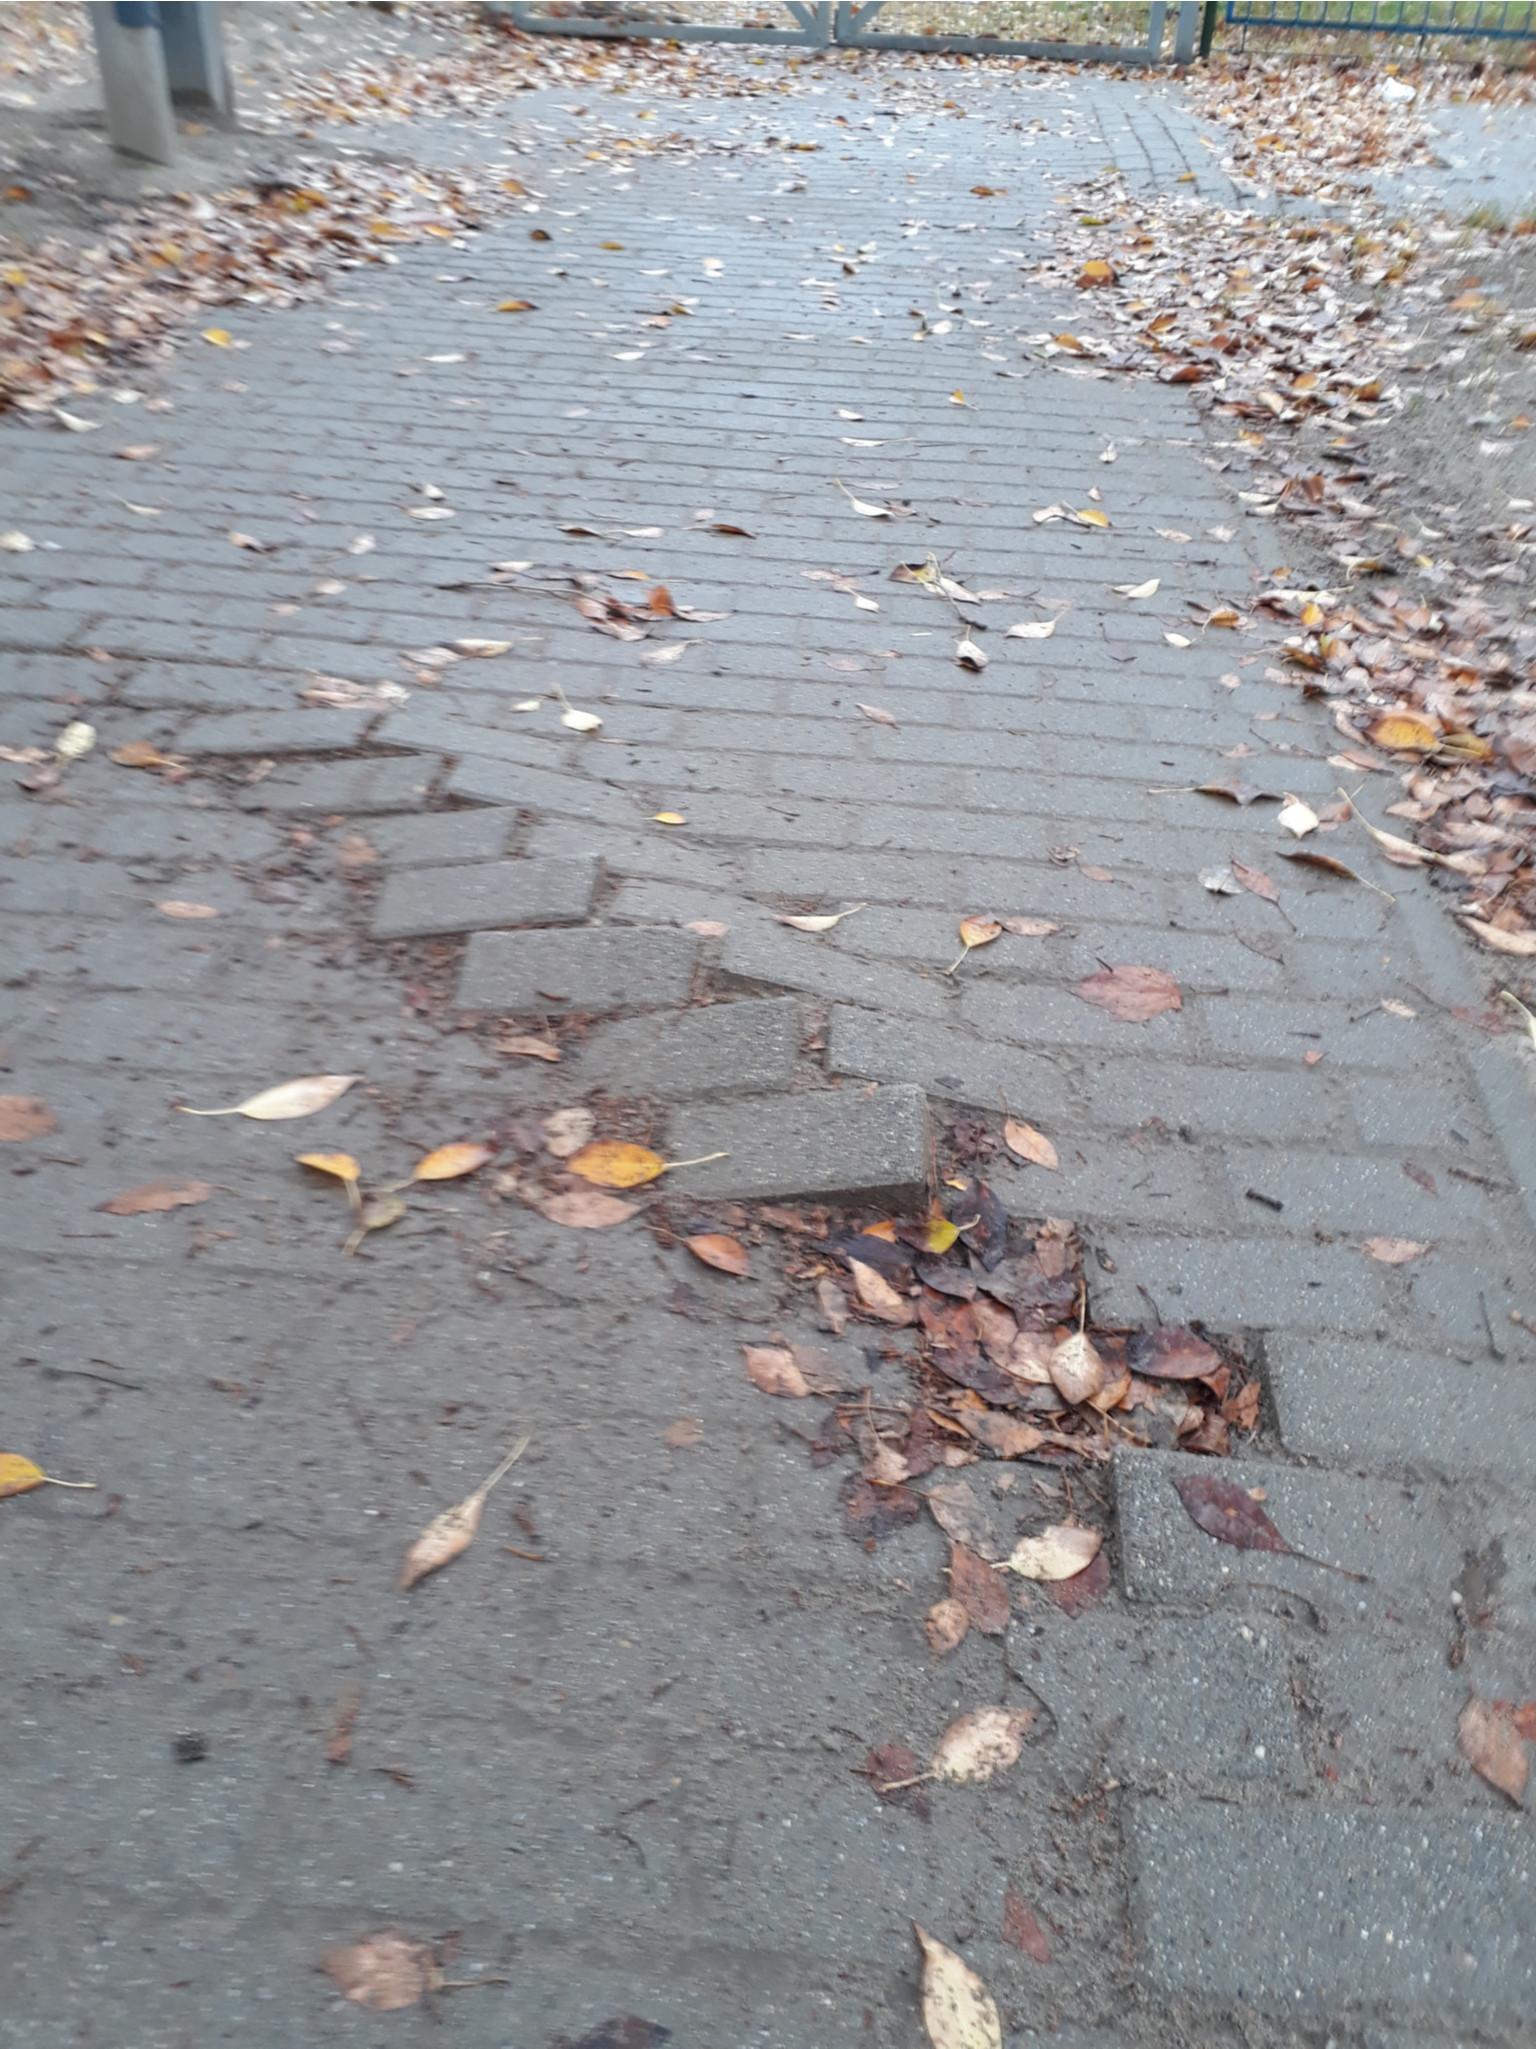 ezen a járdán nehéz a séta